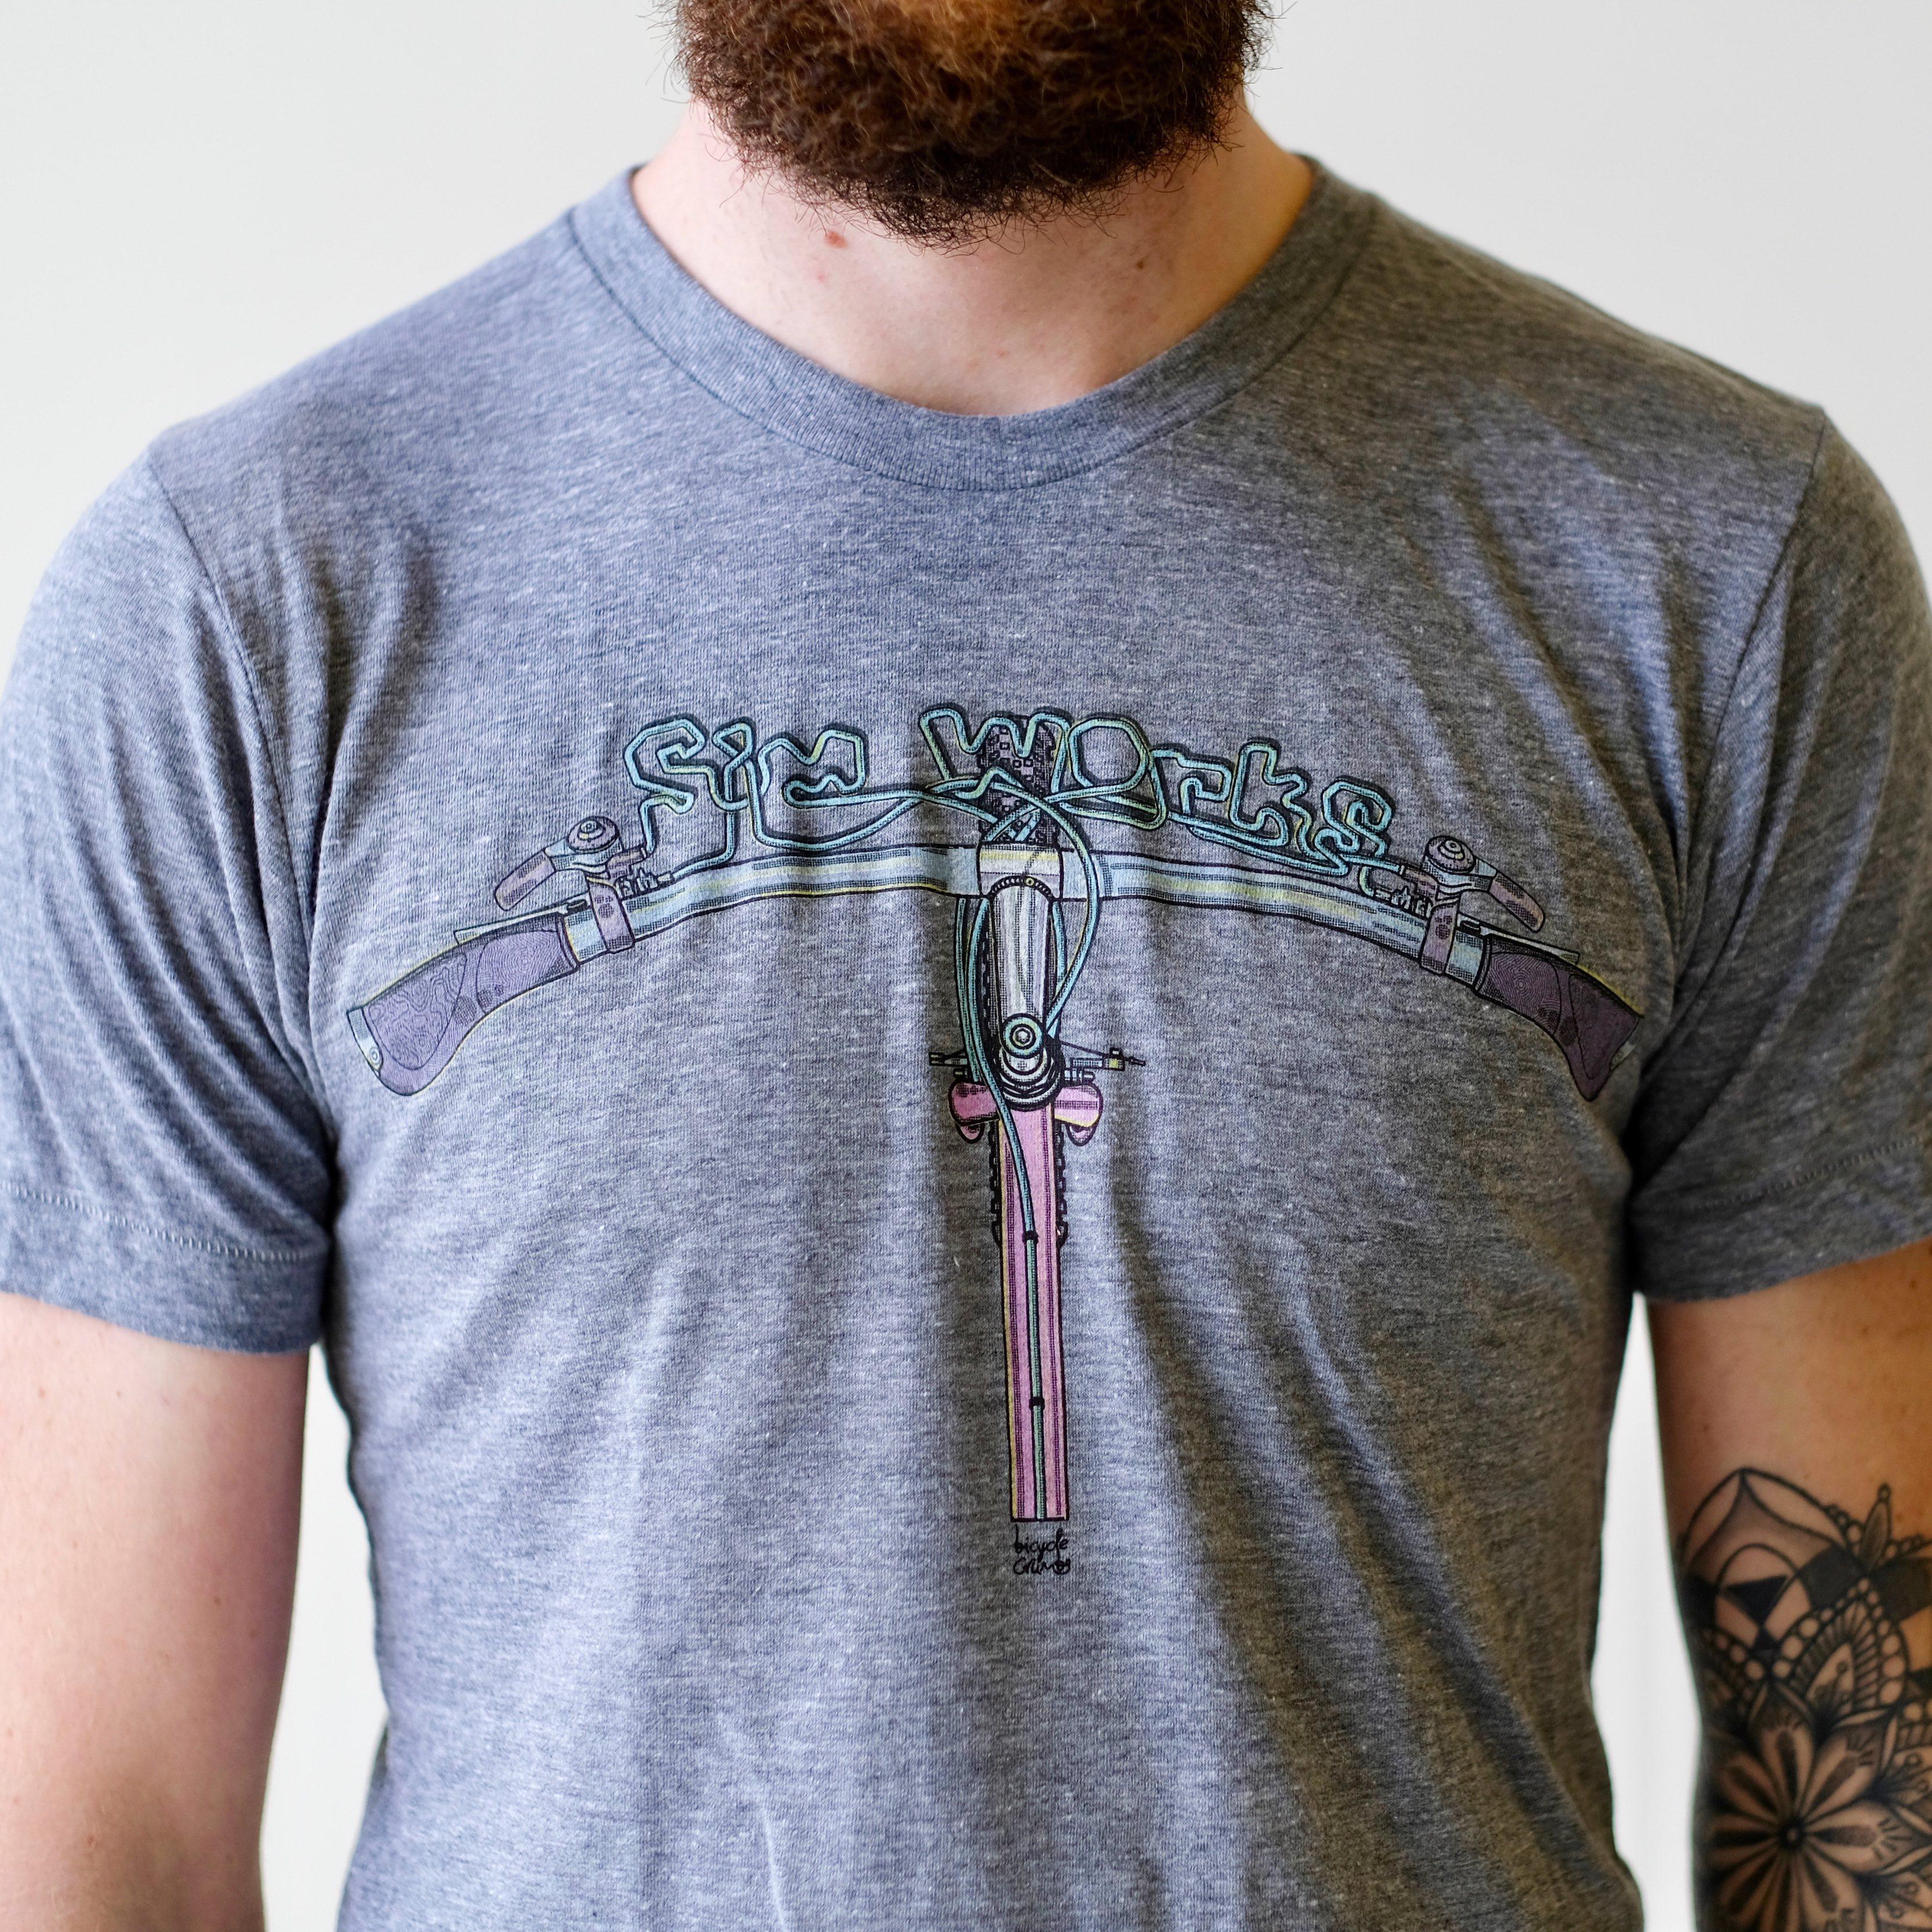 Little Nick T-shirt